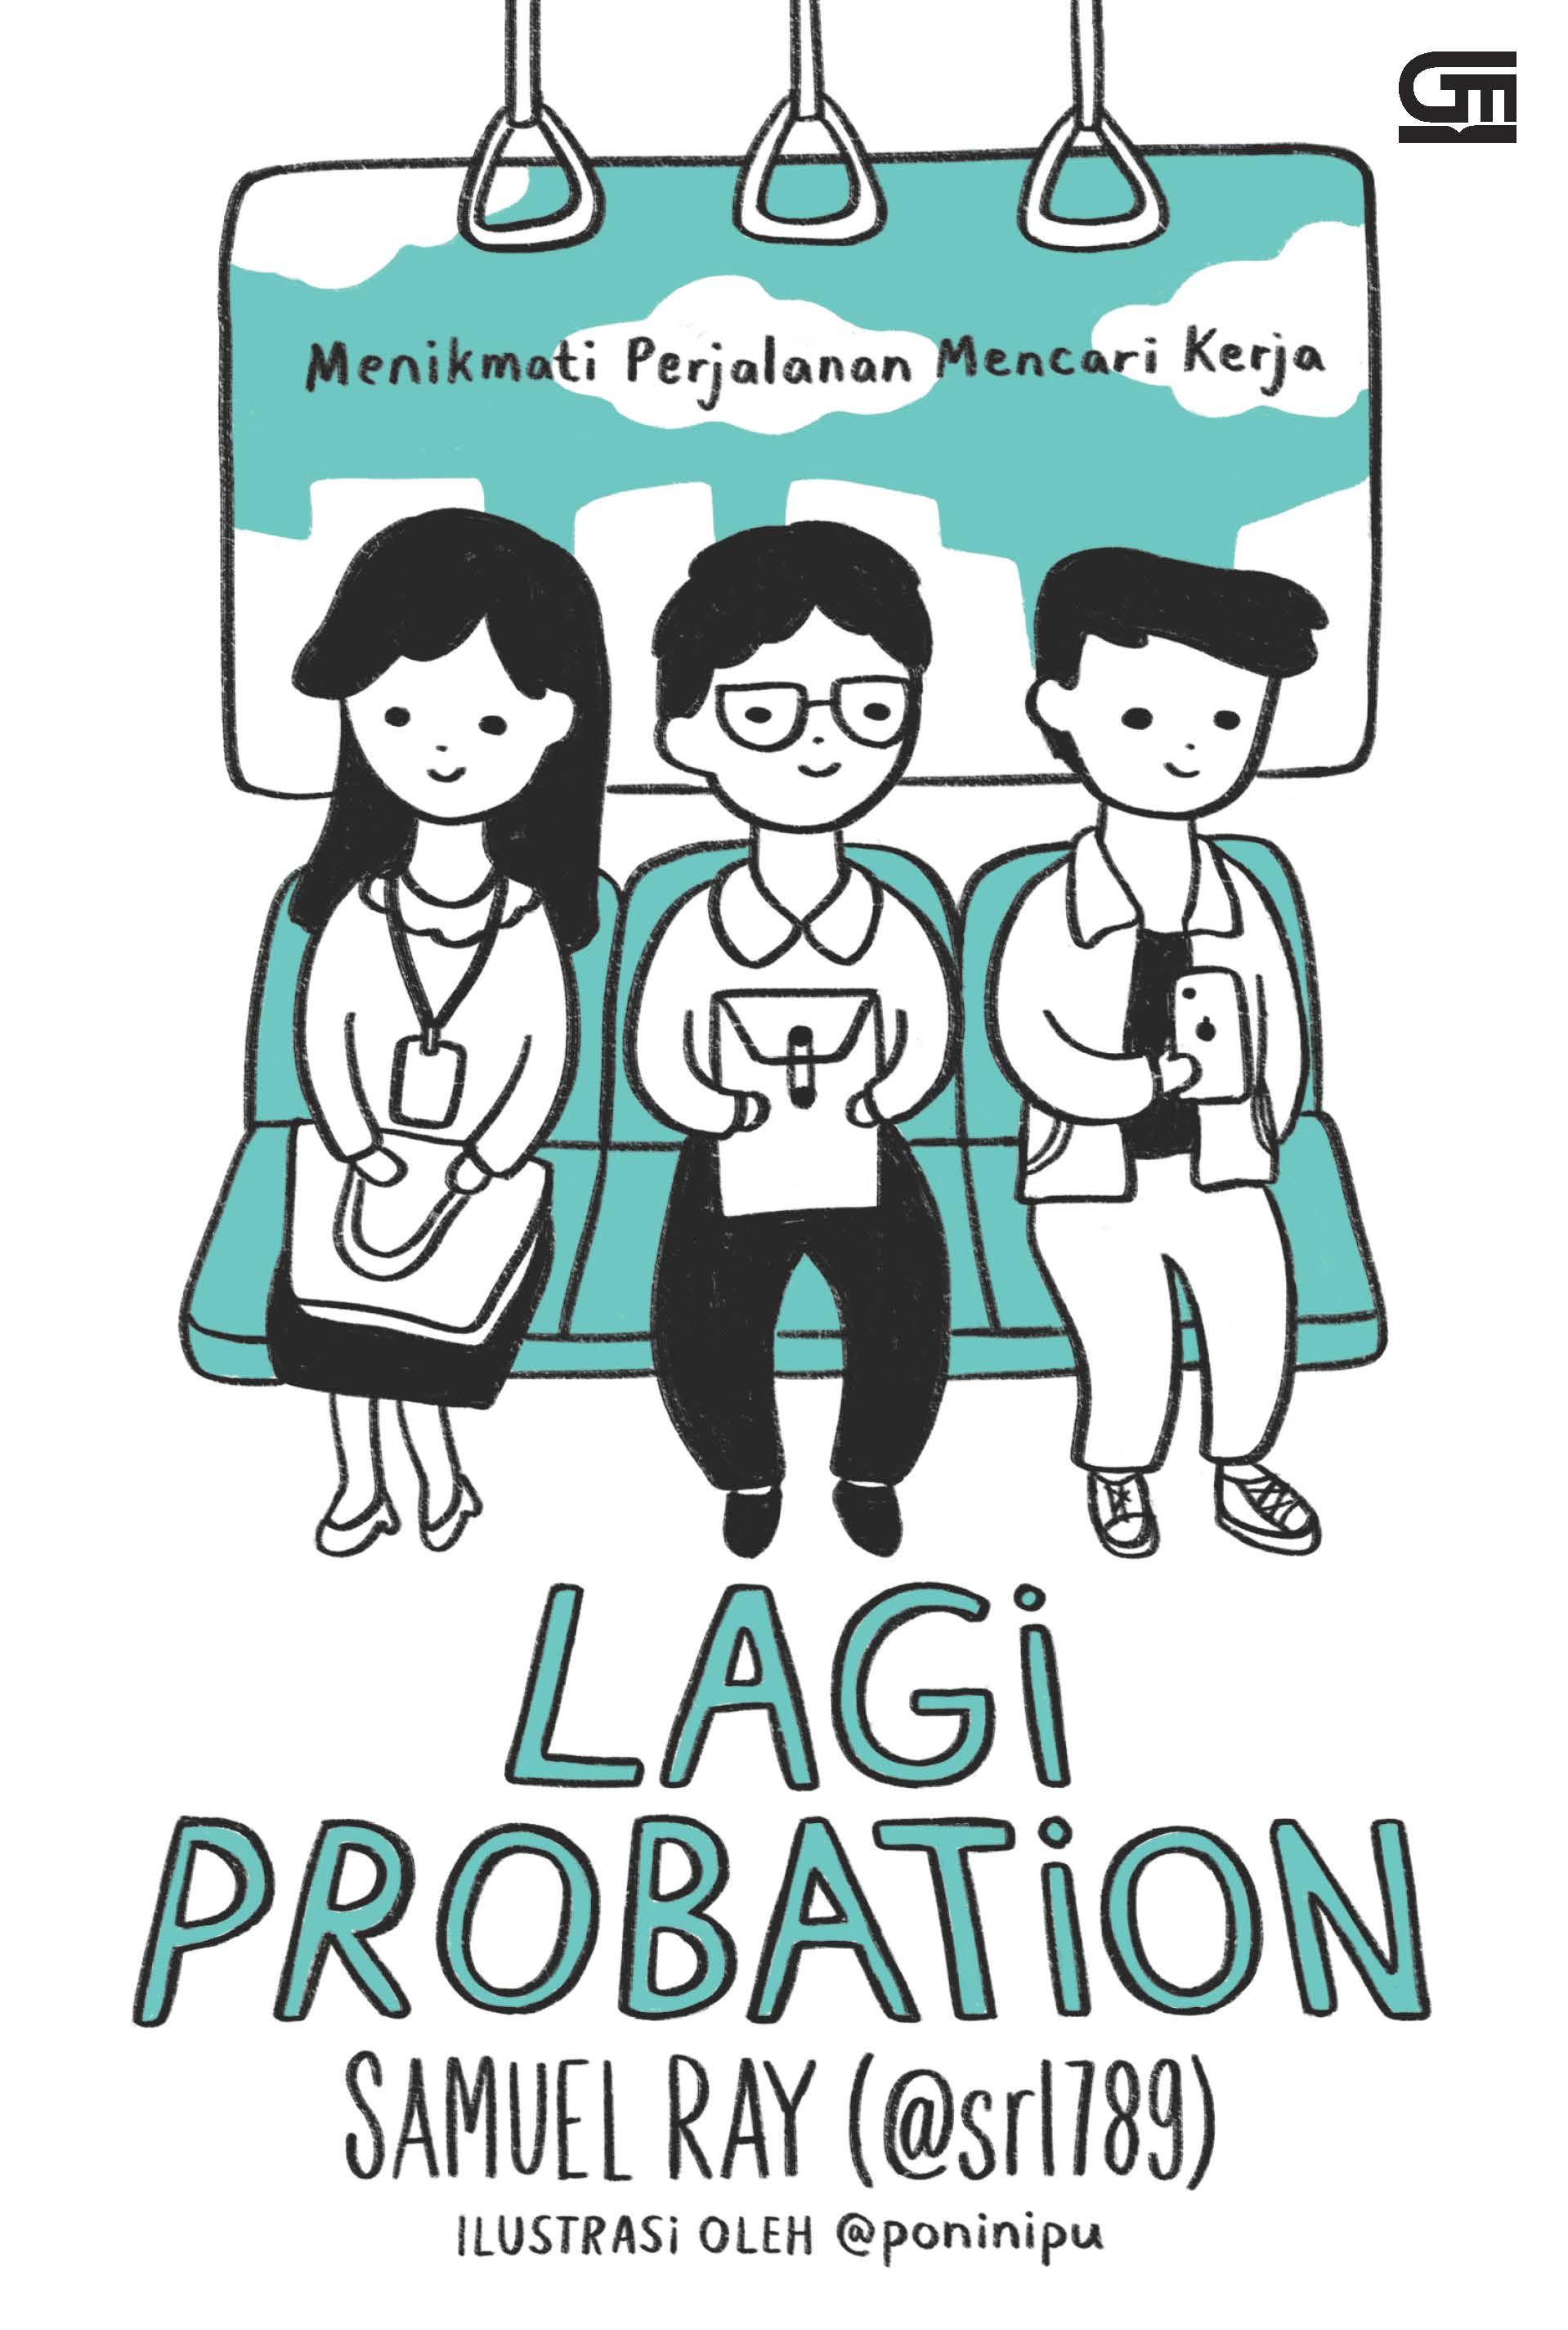 Lagi Probation : Menikmati Perjalanan Mencari Kerja